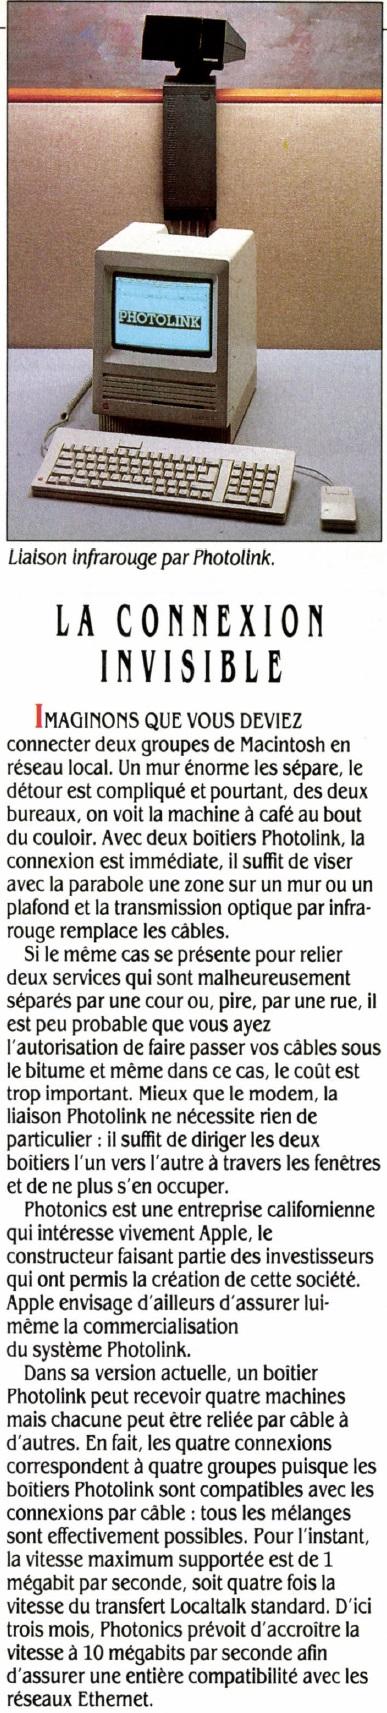 Liaison infrarouge Photolink, la connexion invisible, SVM n° 68 (janvier 1990), p. 20